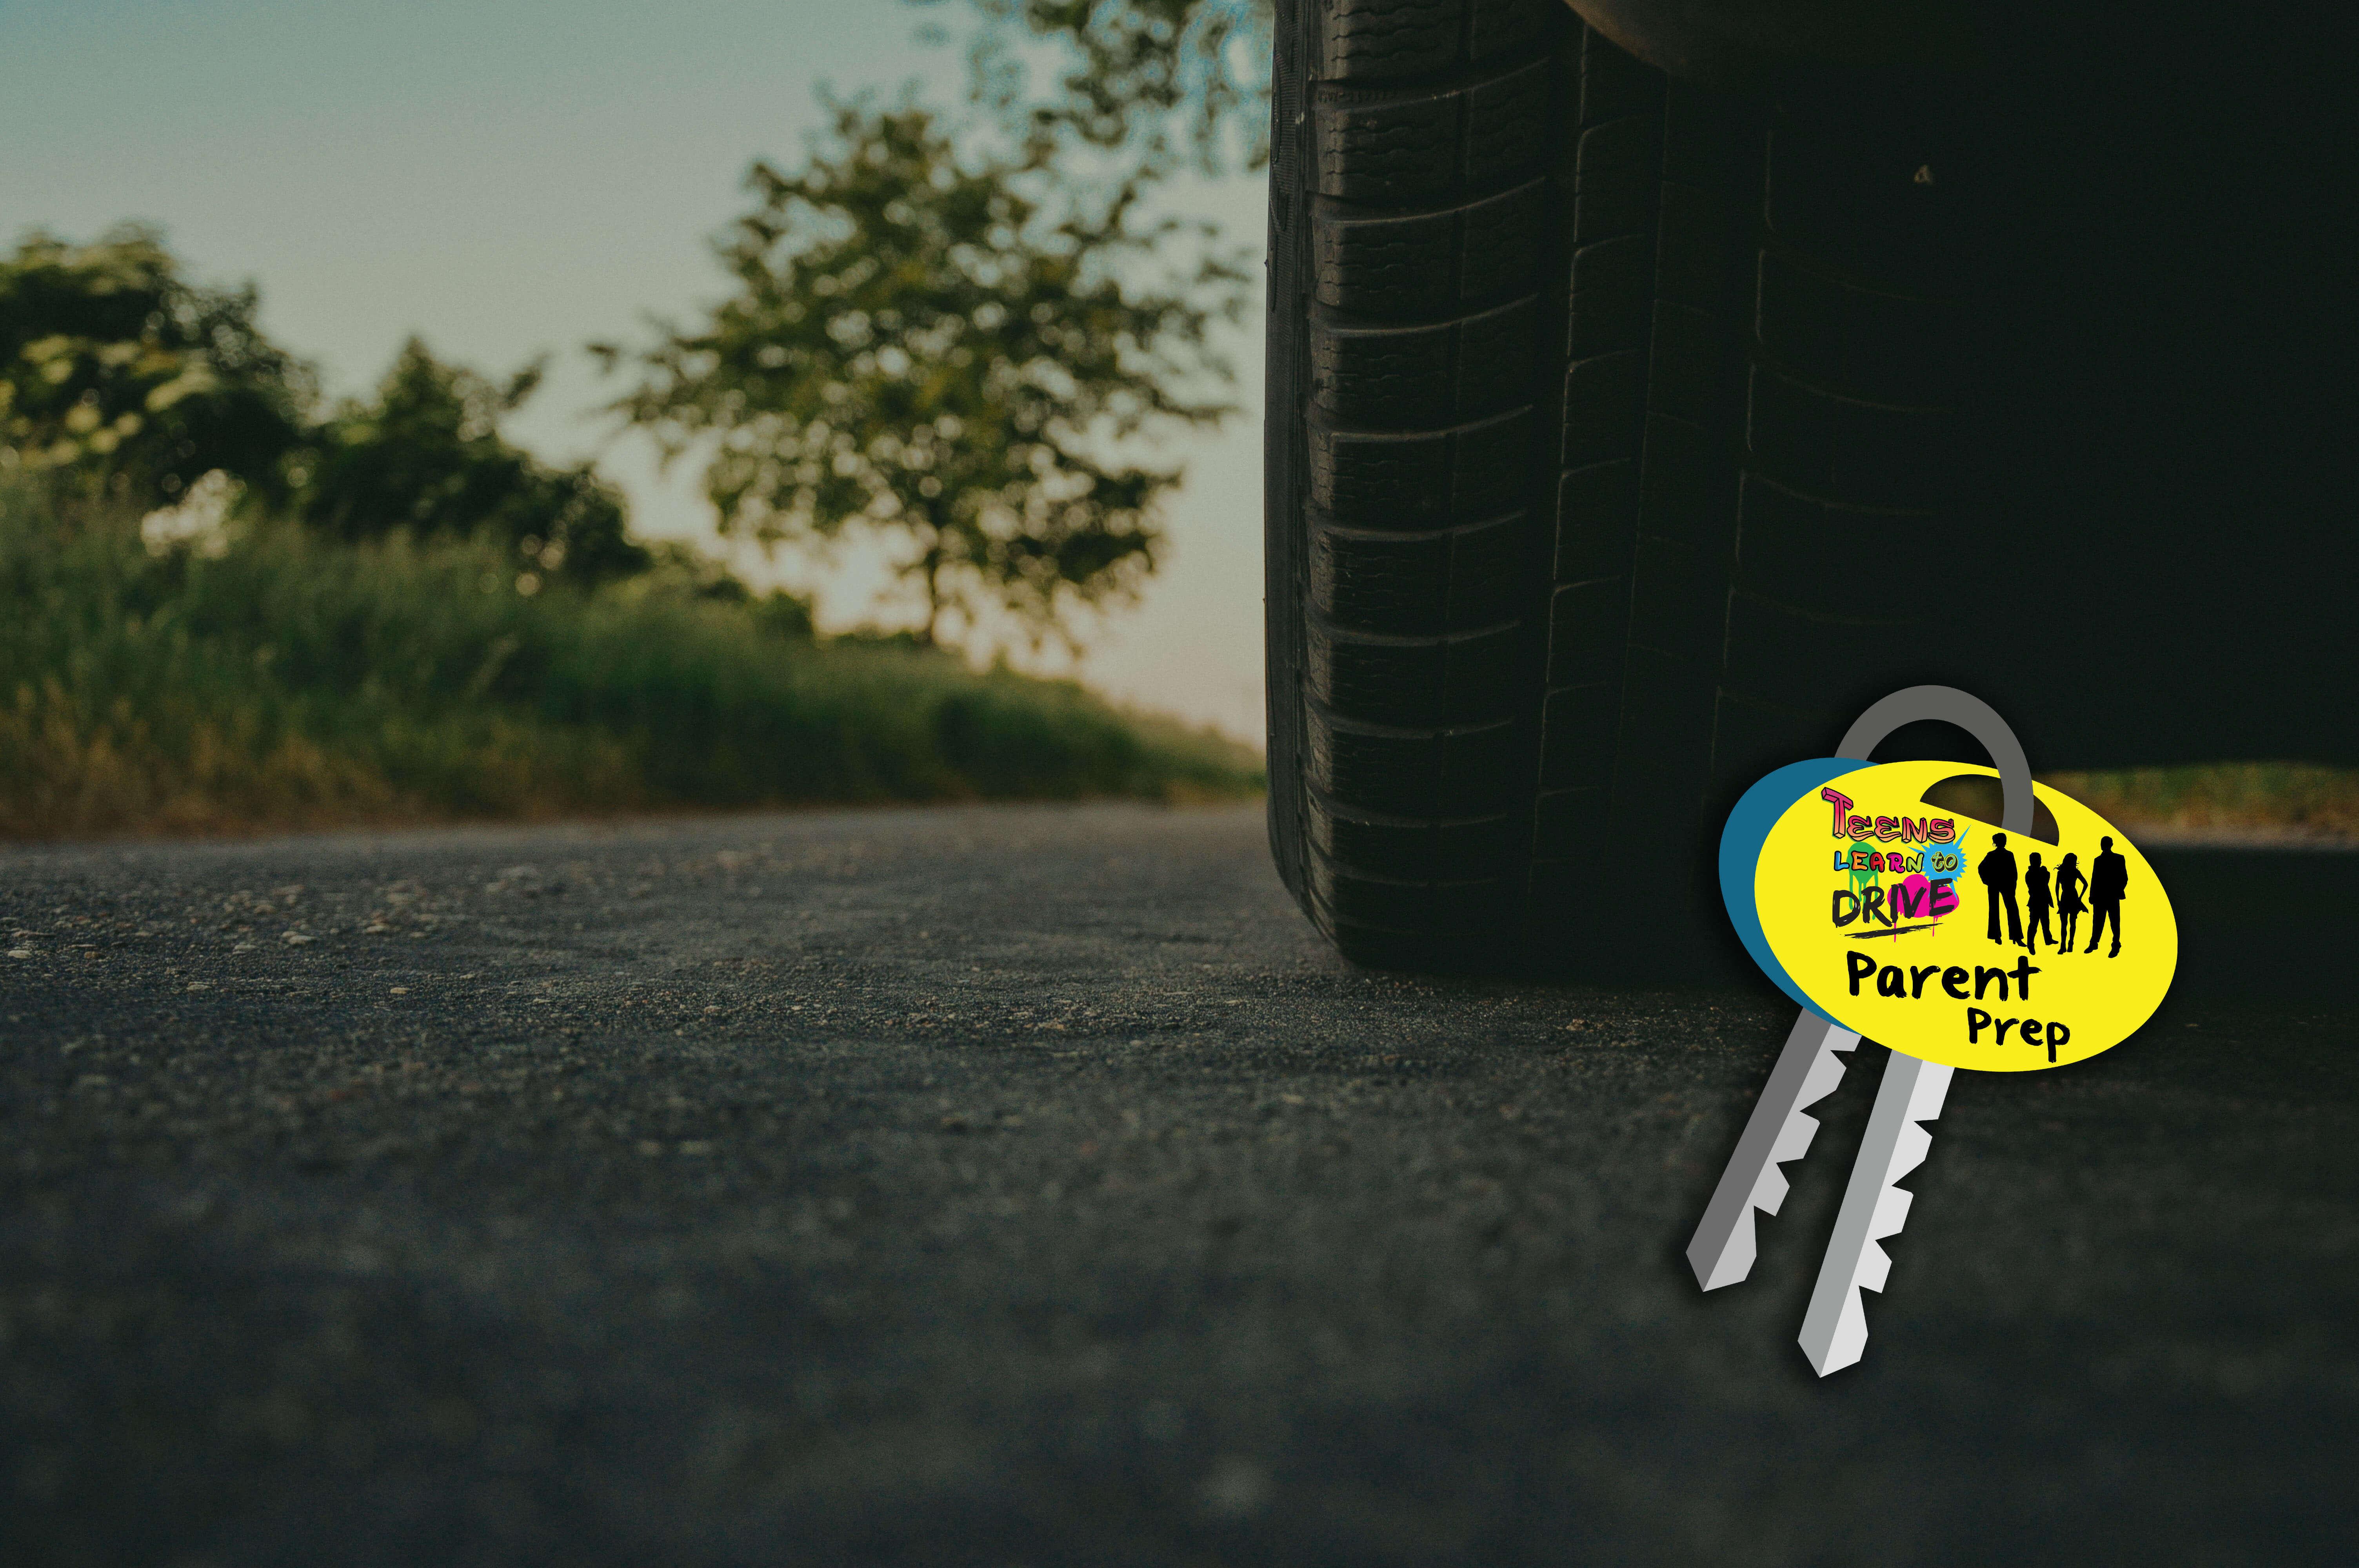 car tire, event, parents